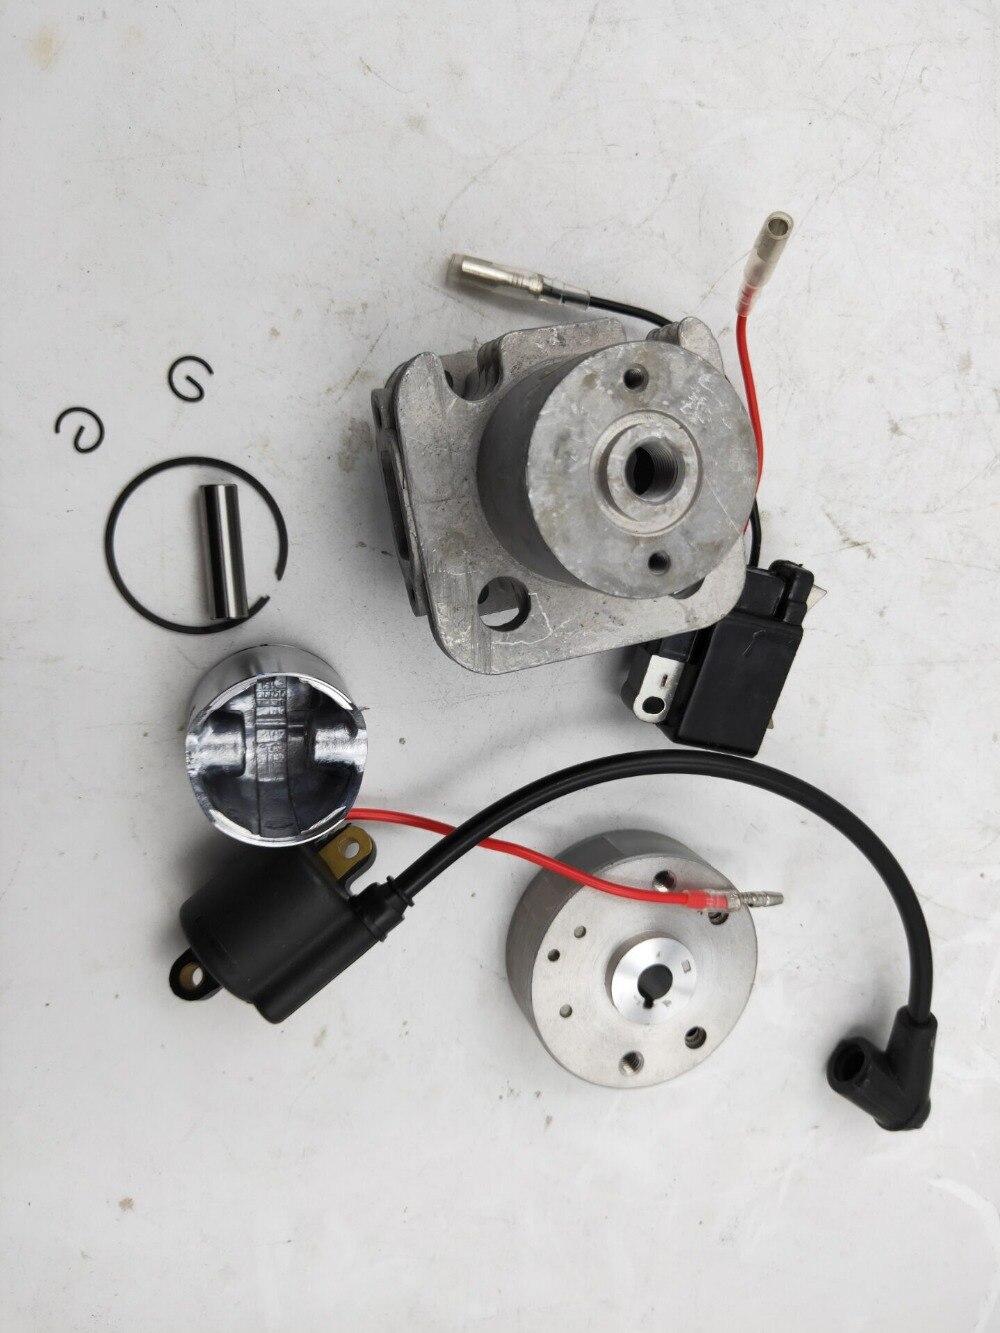 Kit de cilindro de 4 orificios 29cc y kit de sistema de encendido para RCMK HPI CY ZENOAH G290 motores rc piezas de barco-in Partes y accesorios from Juguetes y pasatiempos    1